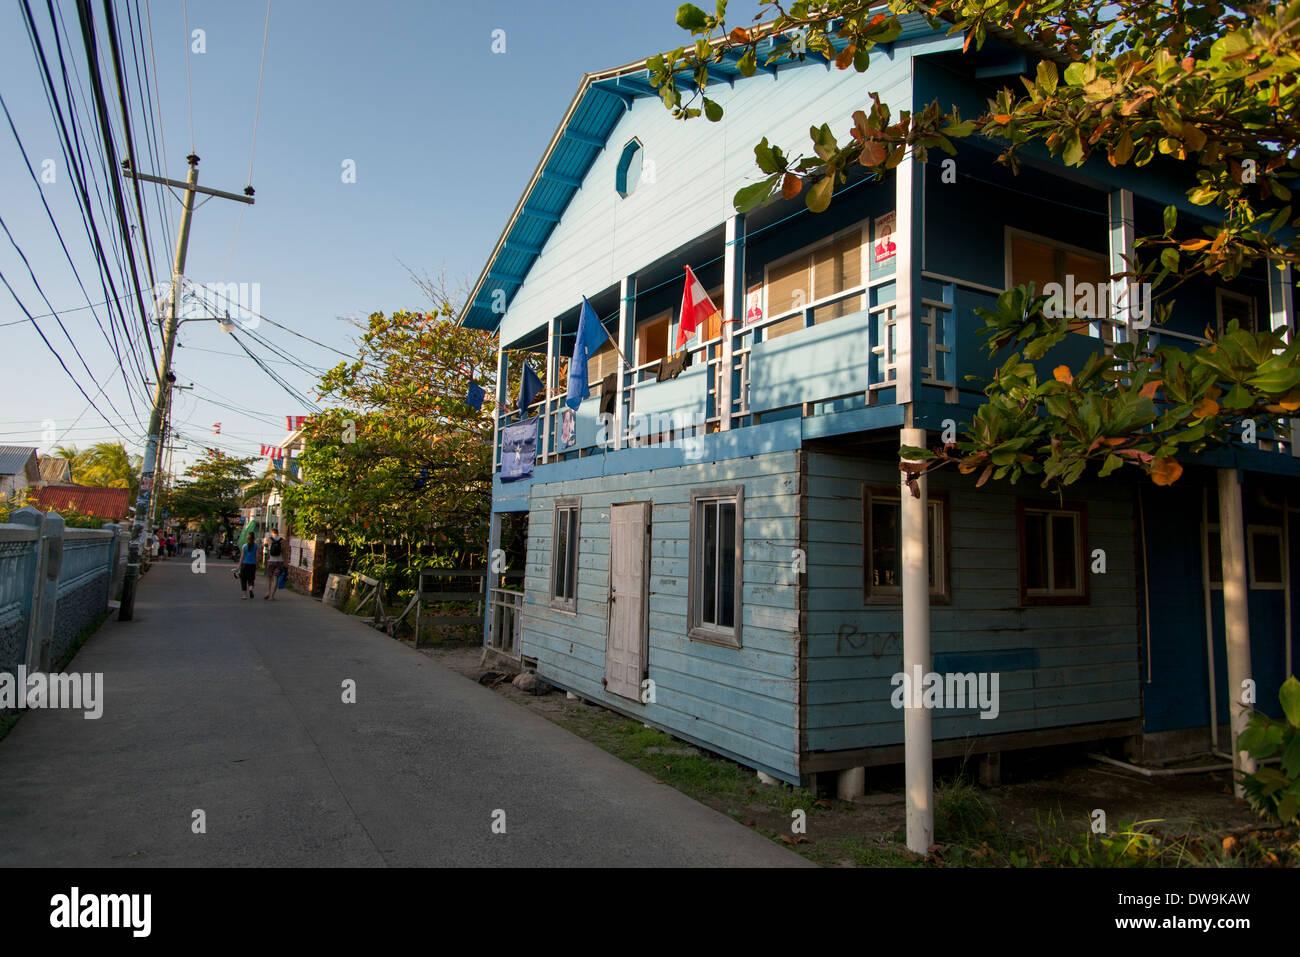 Utila Town Stock Photos & Utila Town Stock Images - Alamy